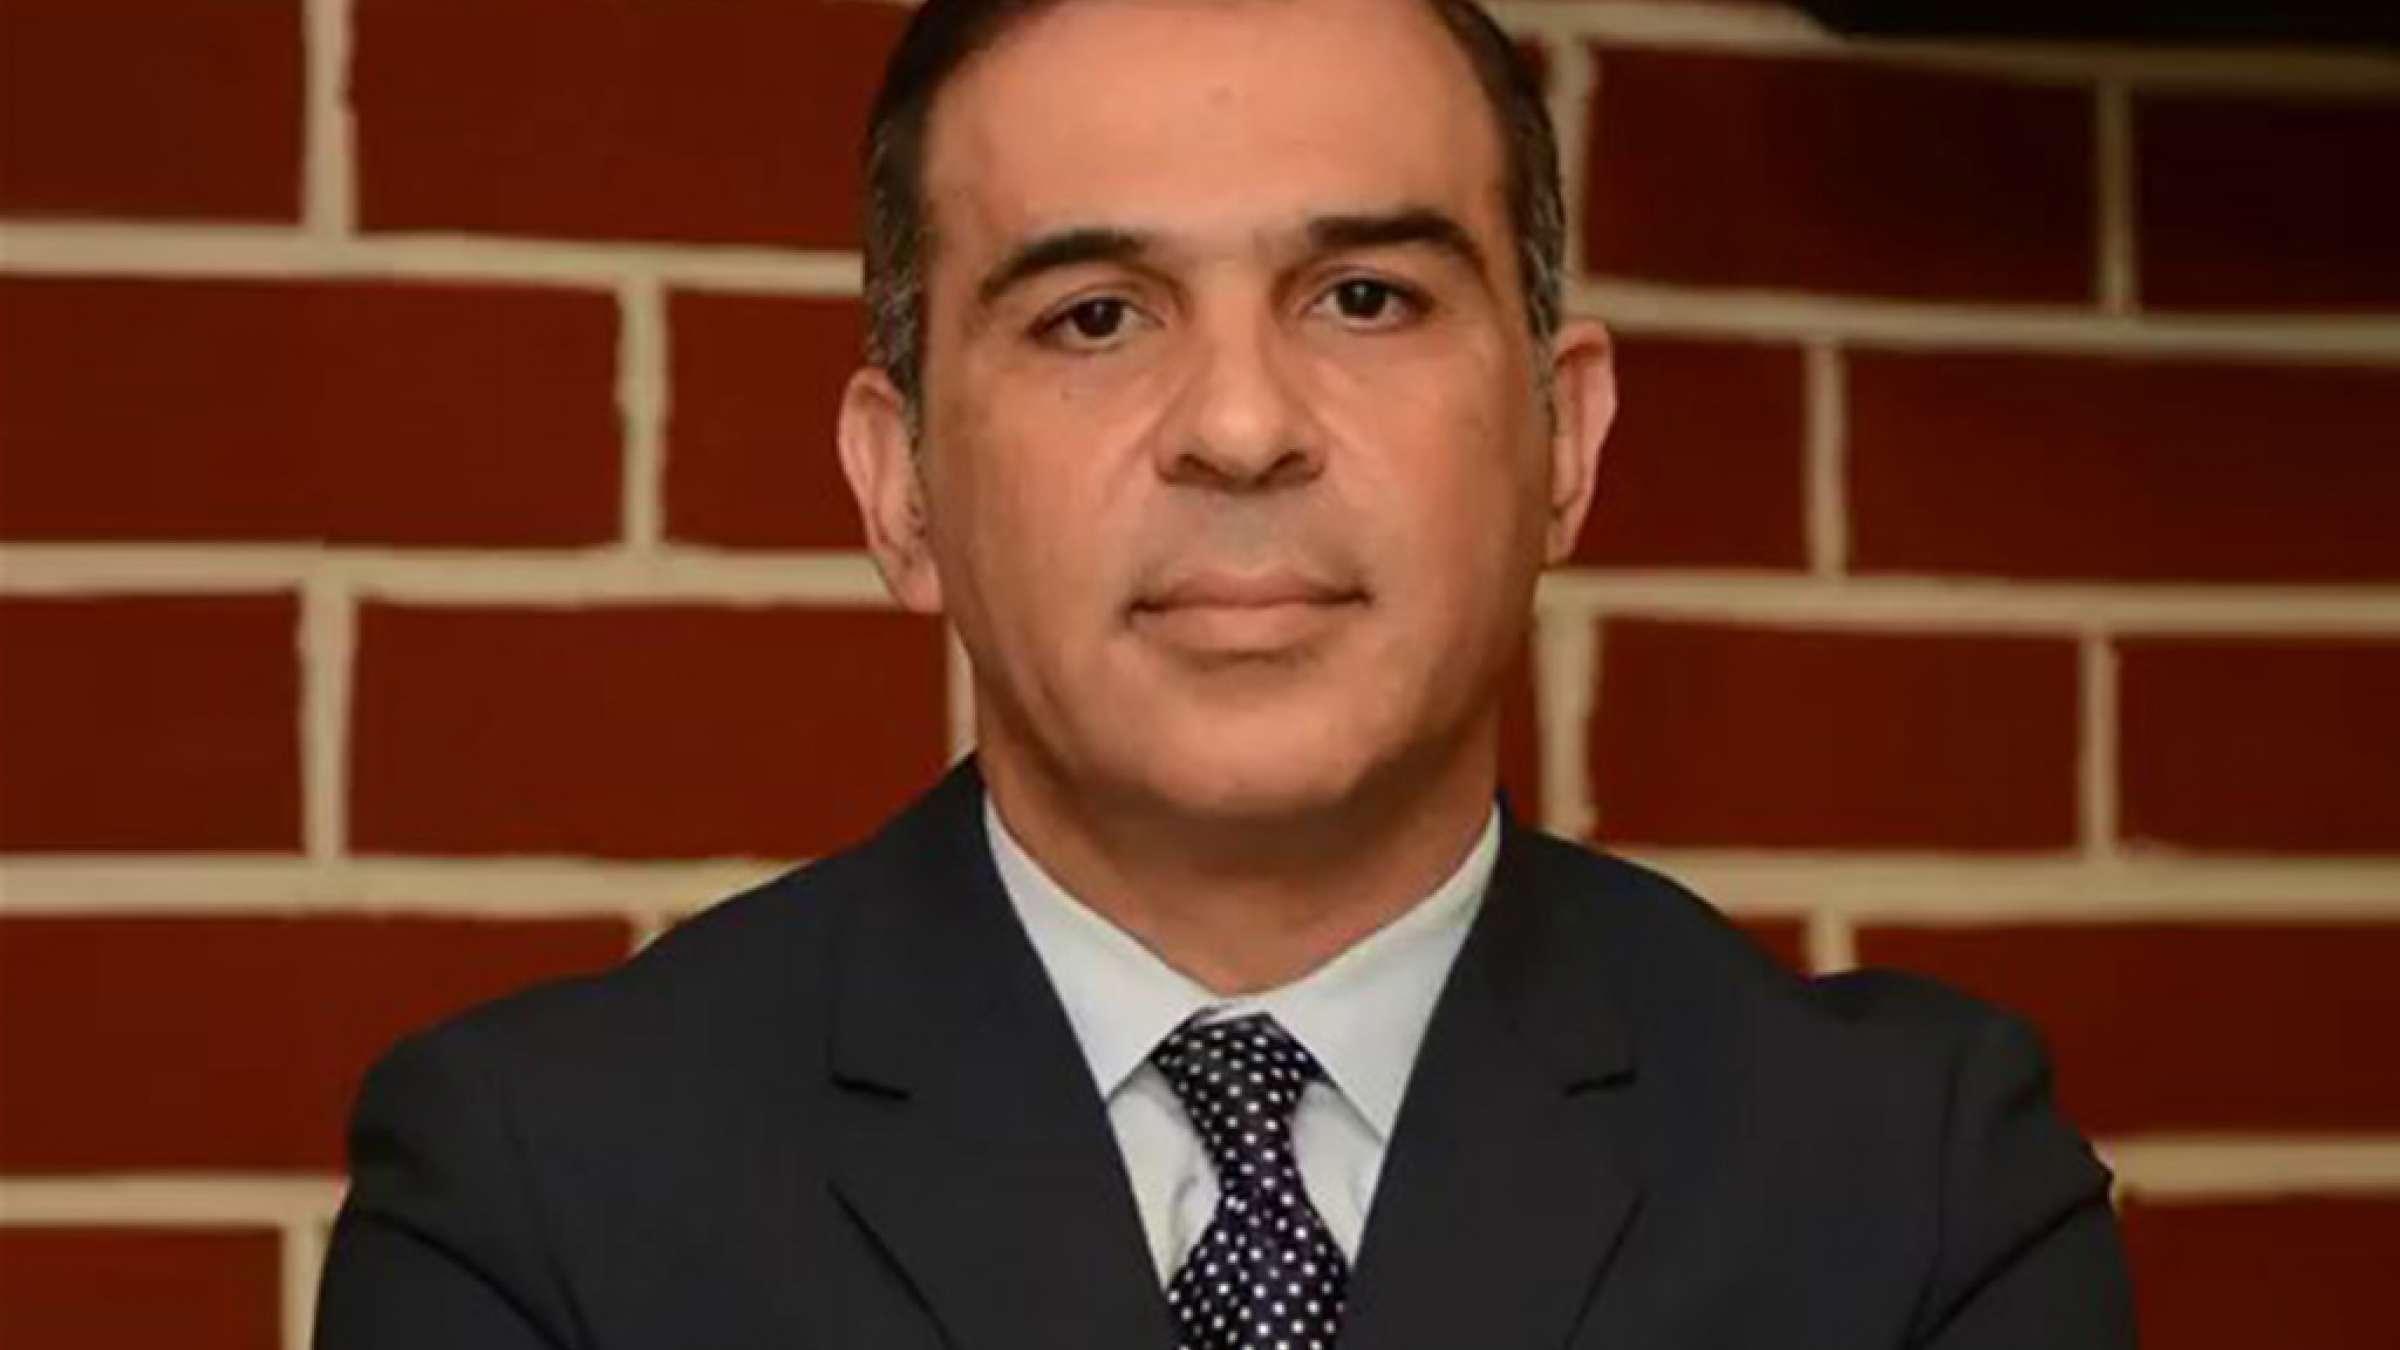 پزشک-ایرانی-که-سرطان-را-به-زانو-درآورد-دکتر-متخصص-نادر-جوادی-مصاحبه